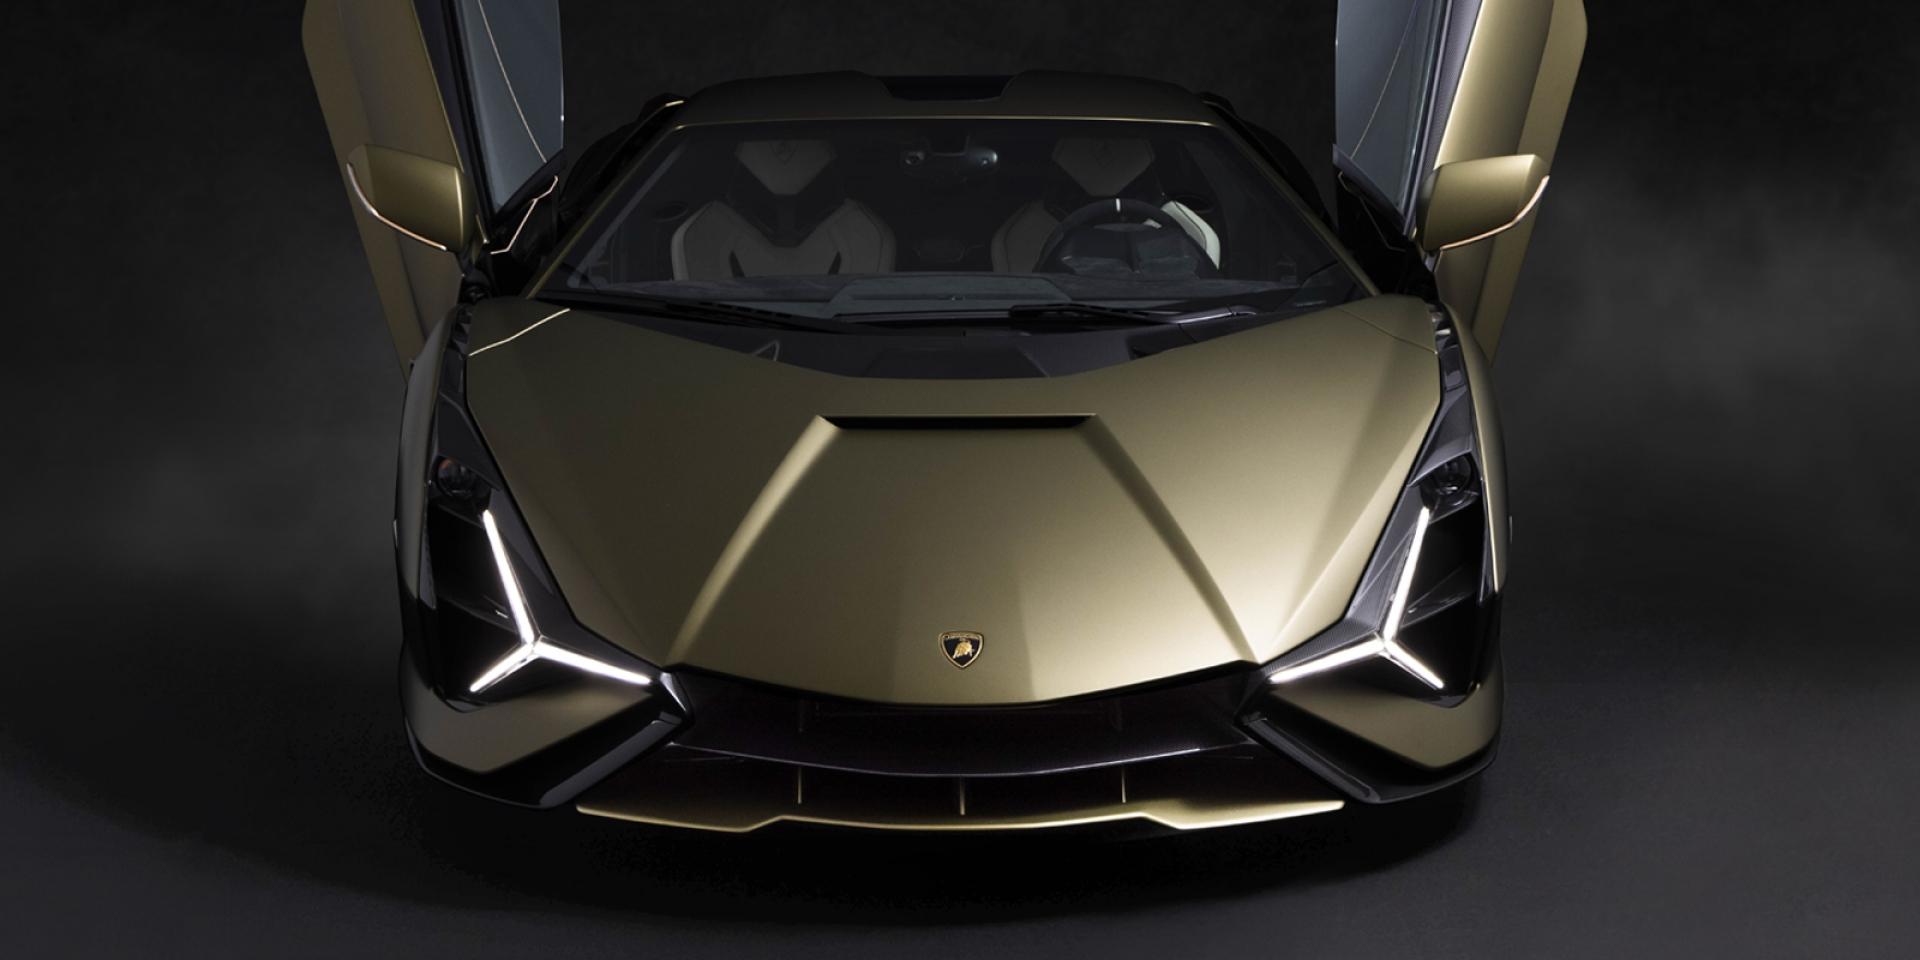 劃時代混合動力非凡超跑 全臺首部 Lamborghini Sián 正式抵臺